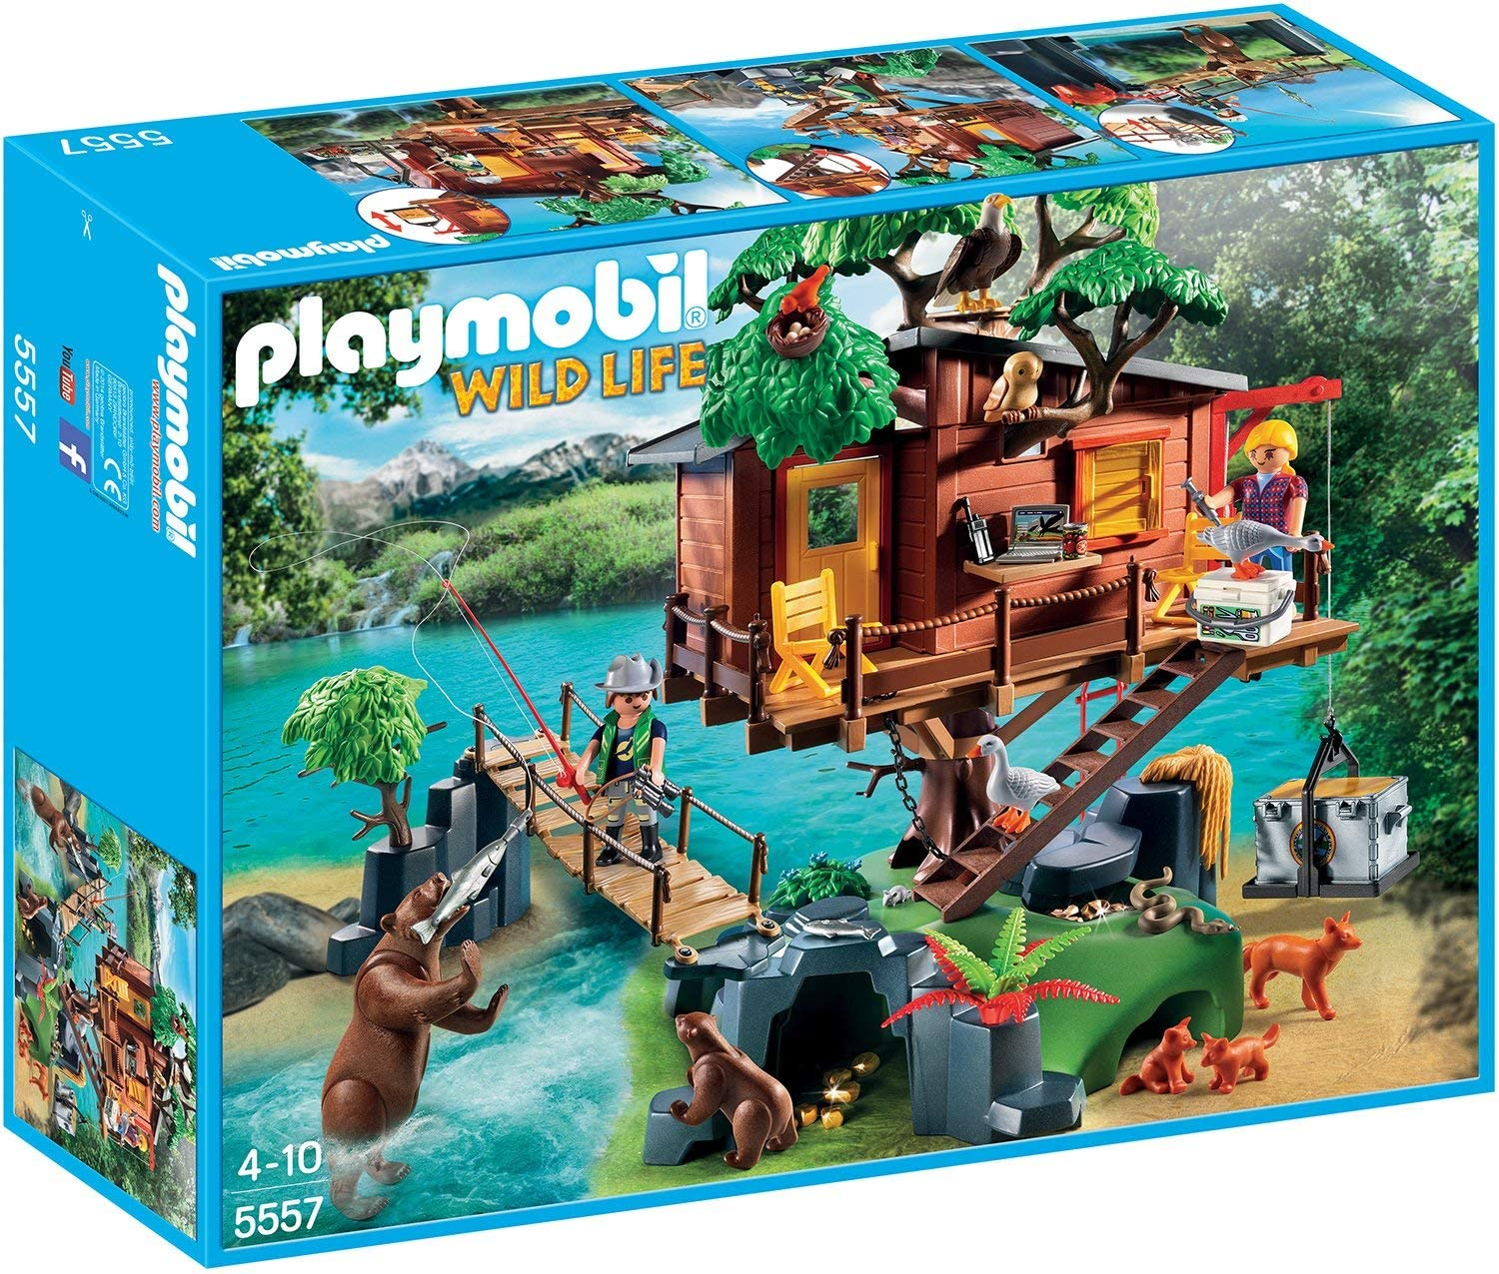 Playmobil Casa del Árbol de Aventuras 5557: Amazon.es: Juguetes y ...